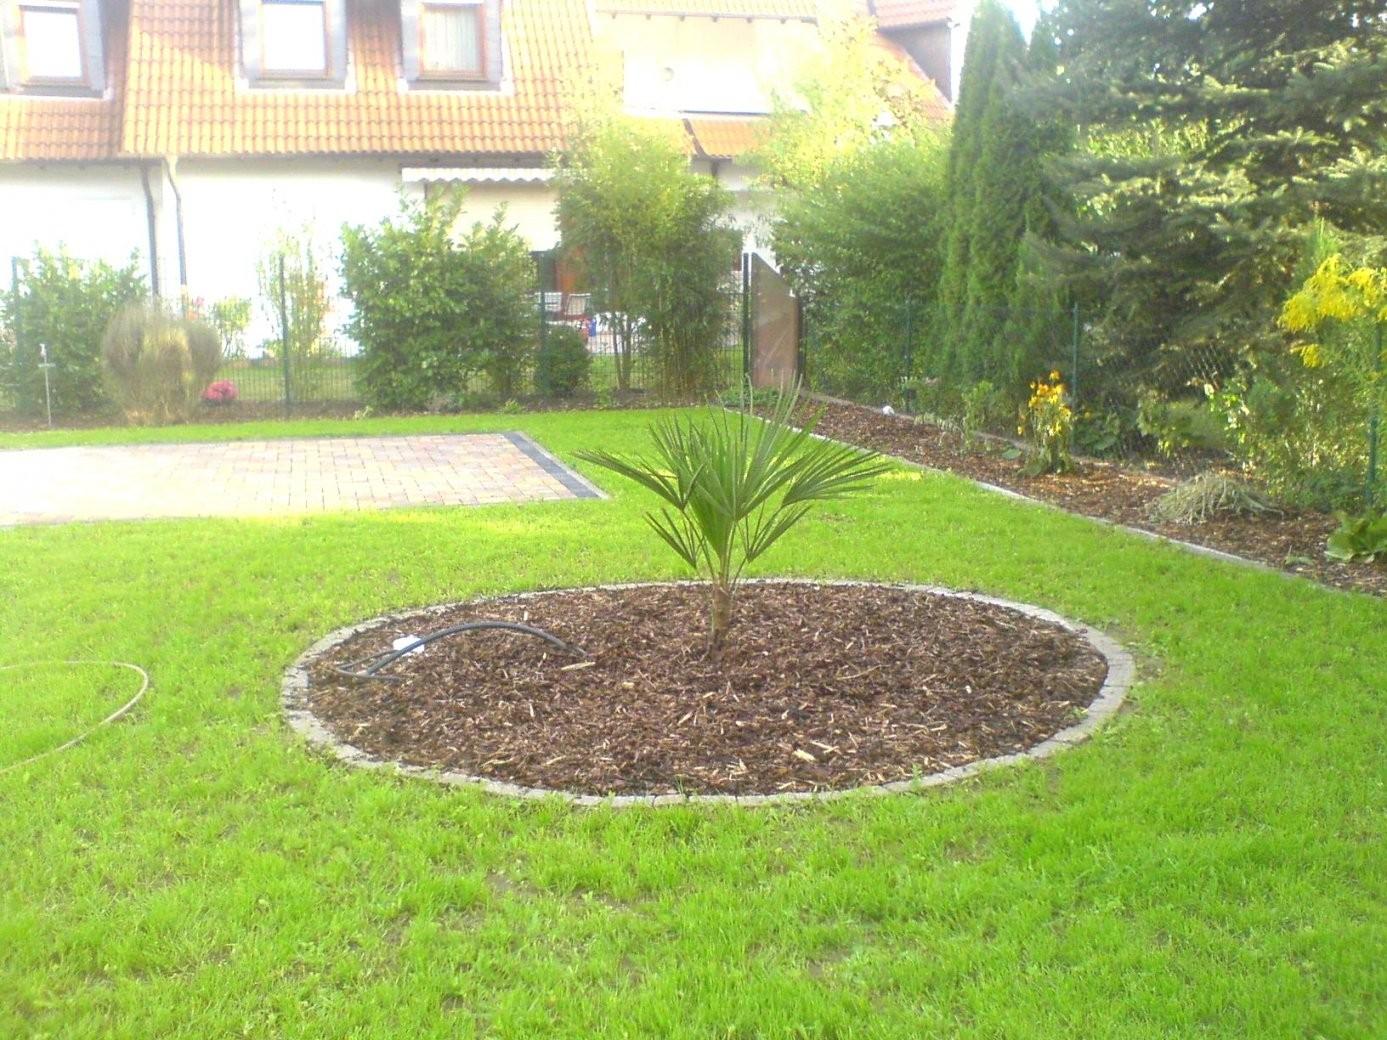 Blumen Garten Neu Anlegen Elegant Garten Neu Anlegen Plan Von von Vorgarten Gestalten Mit Kies Und Gräsern Photo